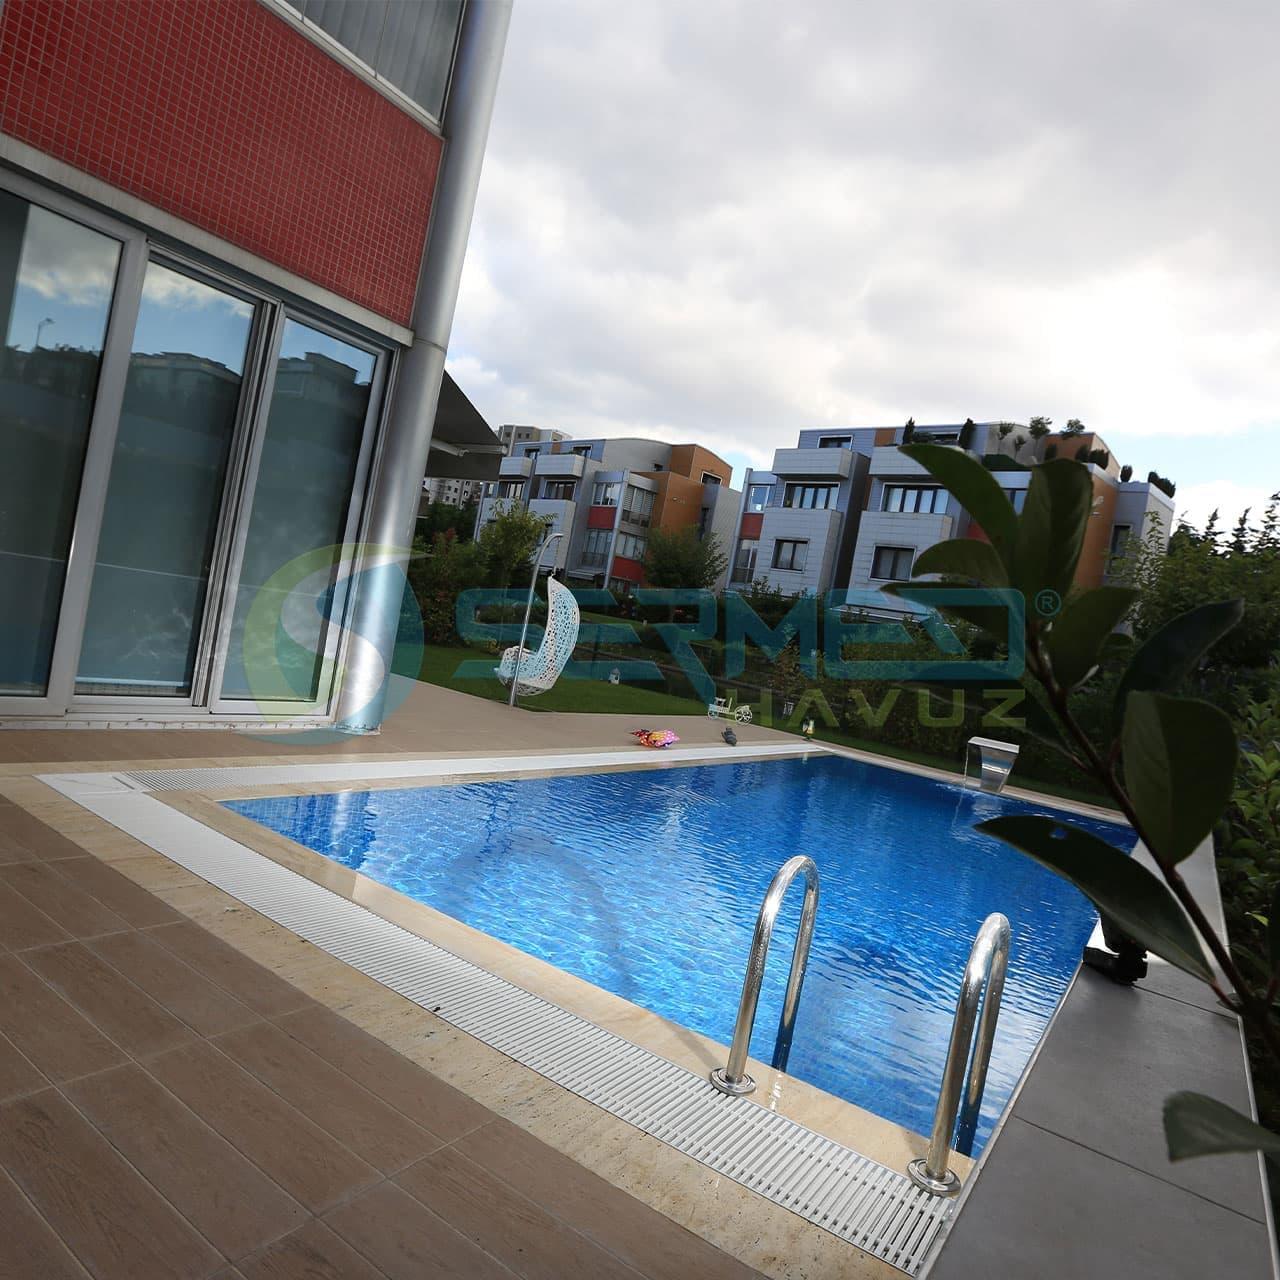 İstanbul'da Lagün Fipool Taşmalı Panel Havuz uygulaması Sermed Havuz Firması tarafından yapıldı.